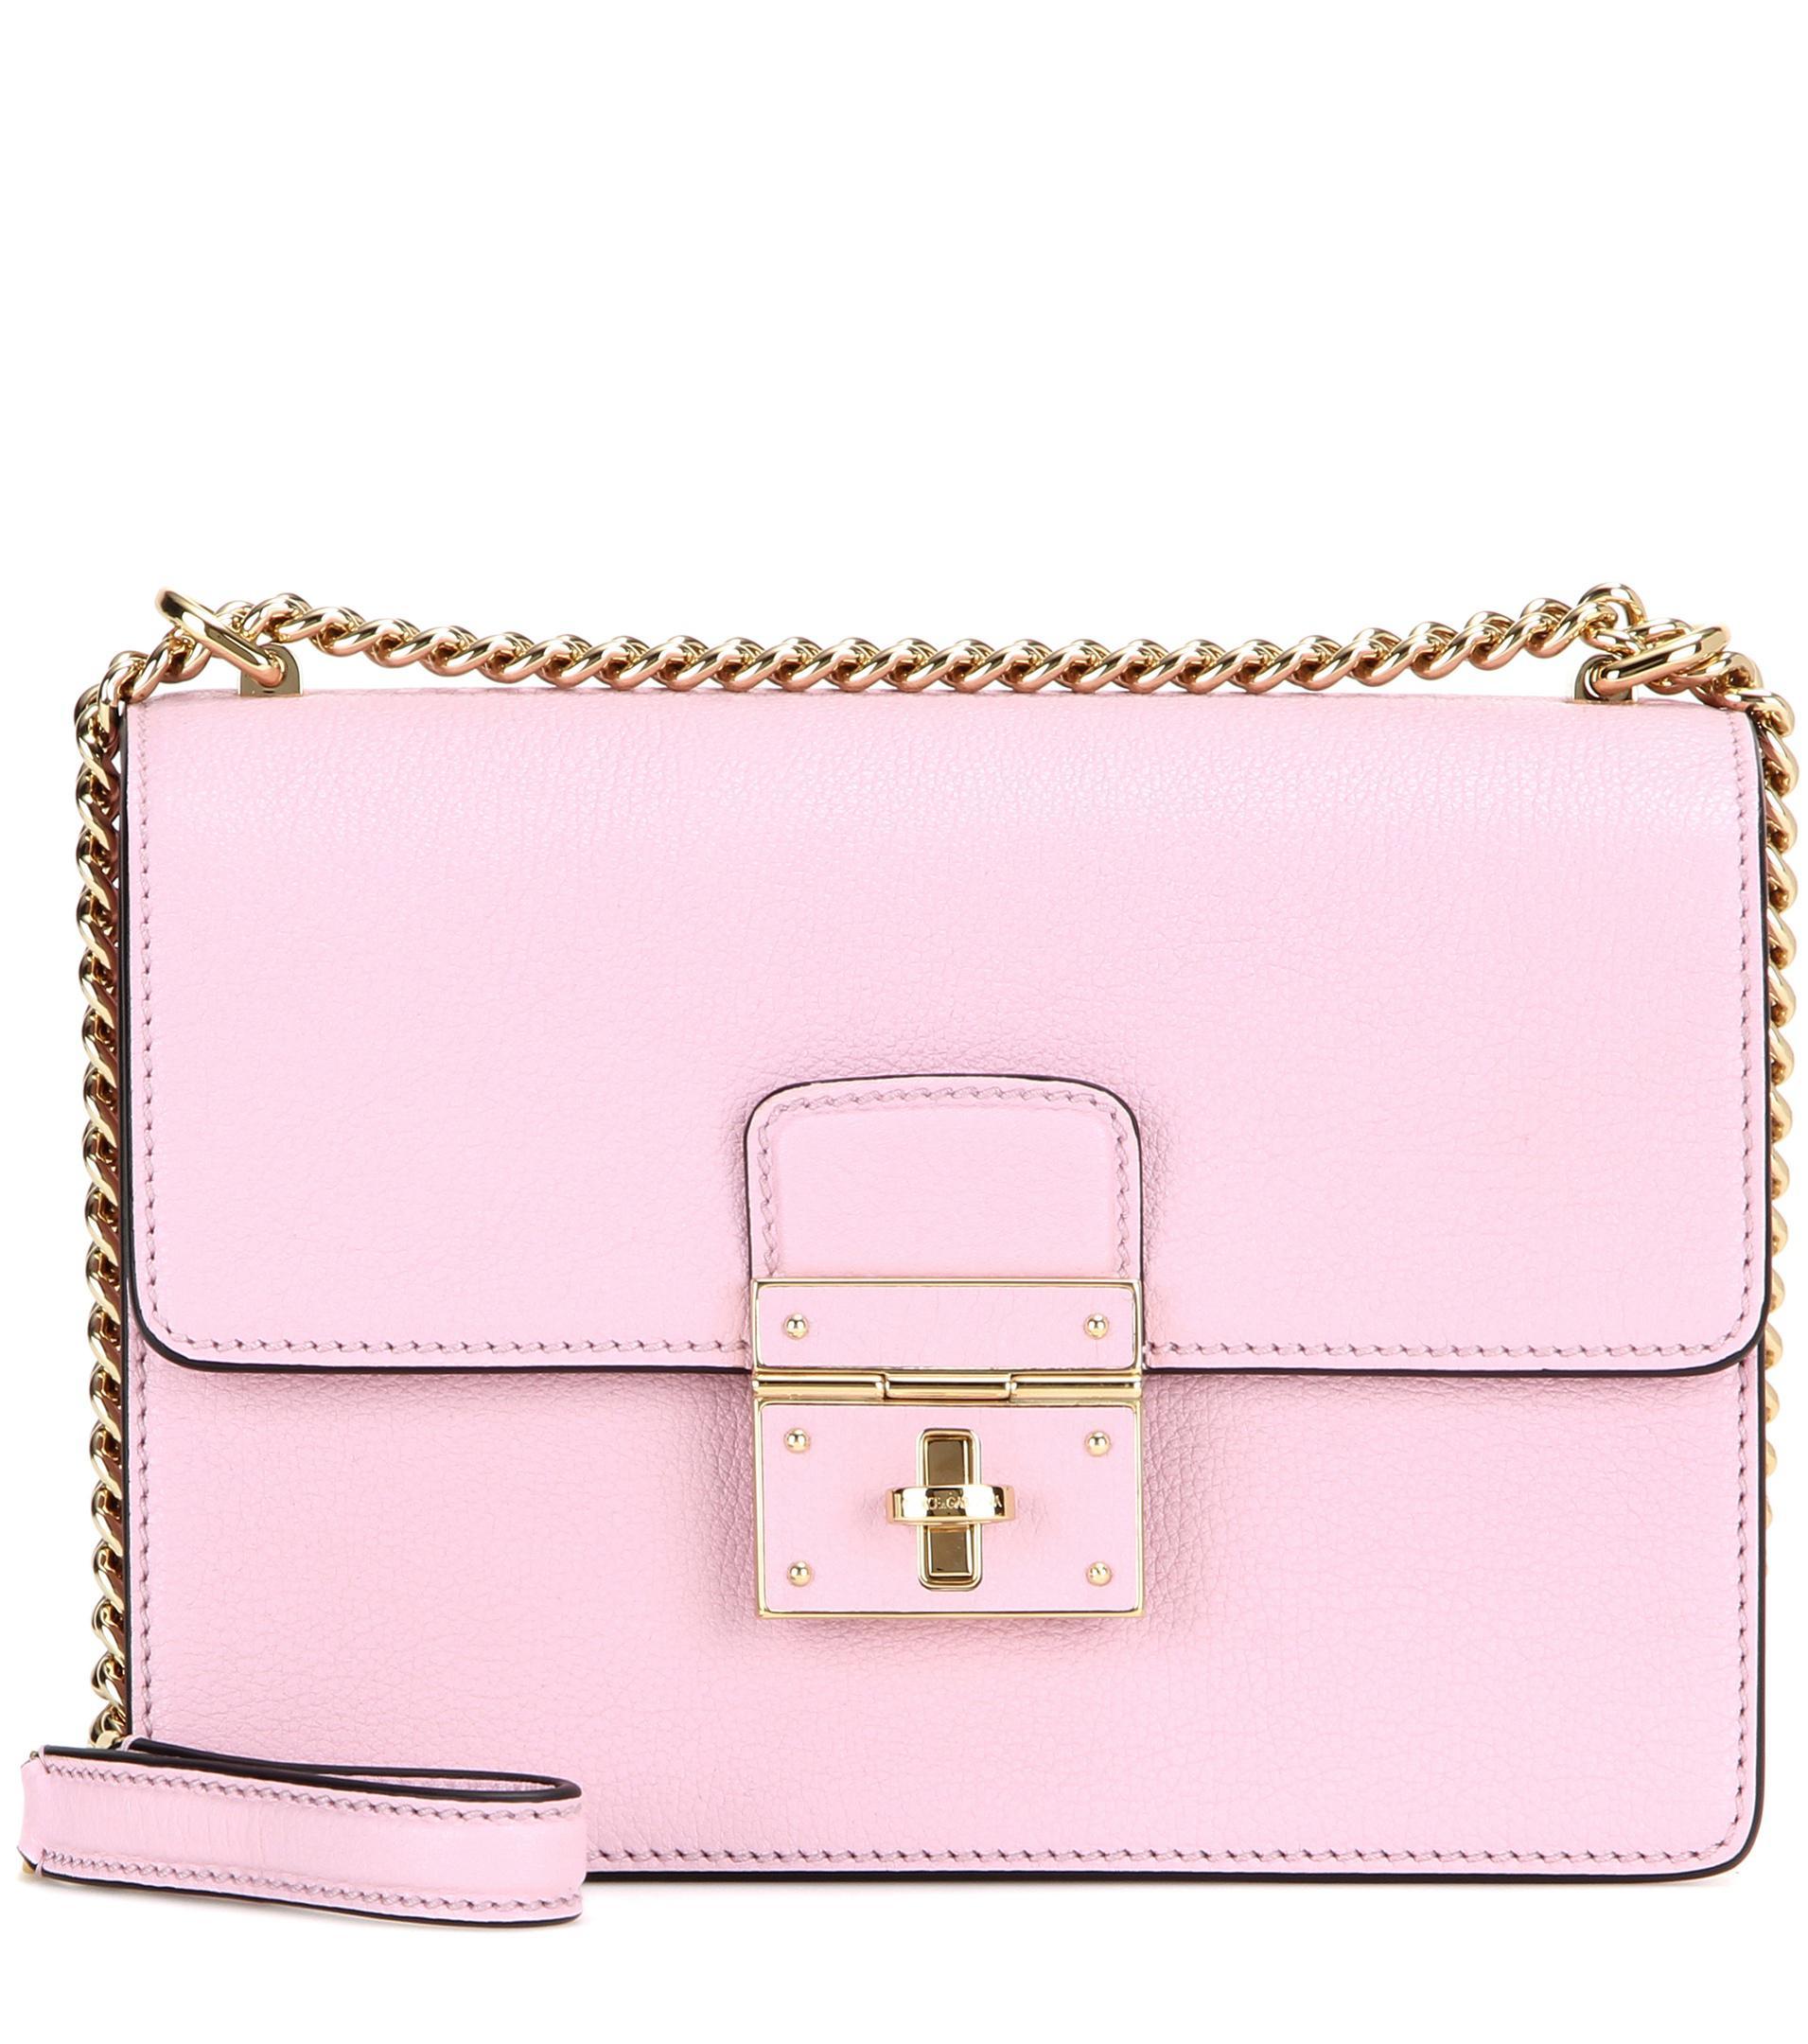 71af1a1e78 Lyst - Dolce   Gabbana Rosalia Leather Shoulder Bag in Pink